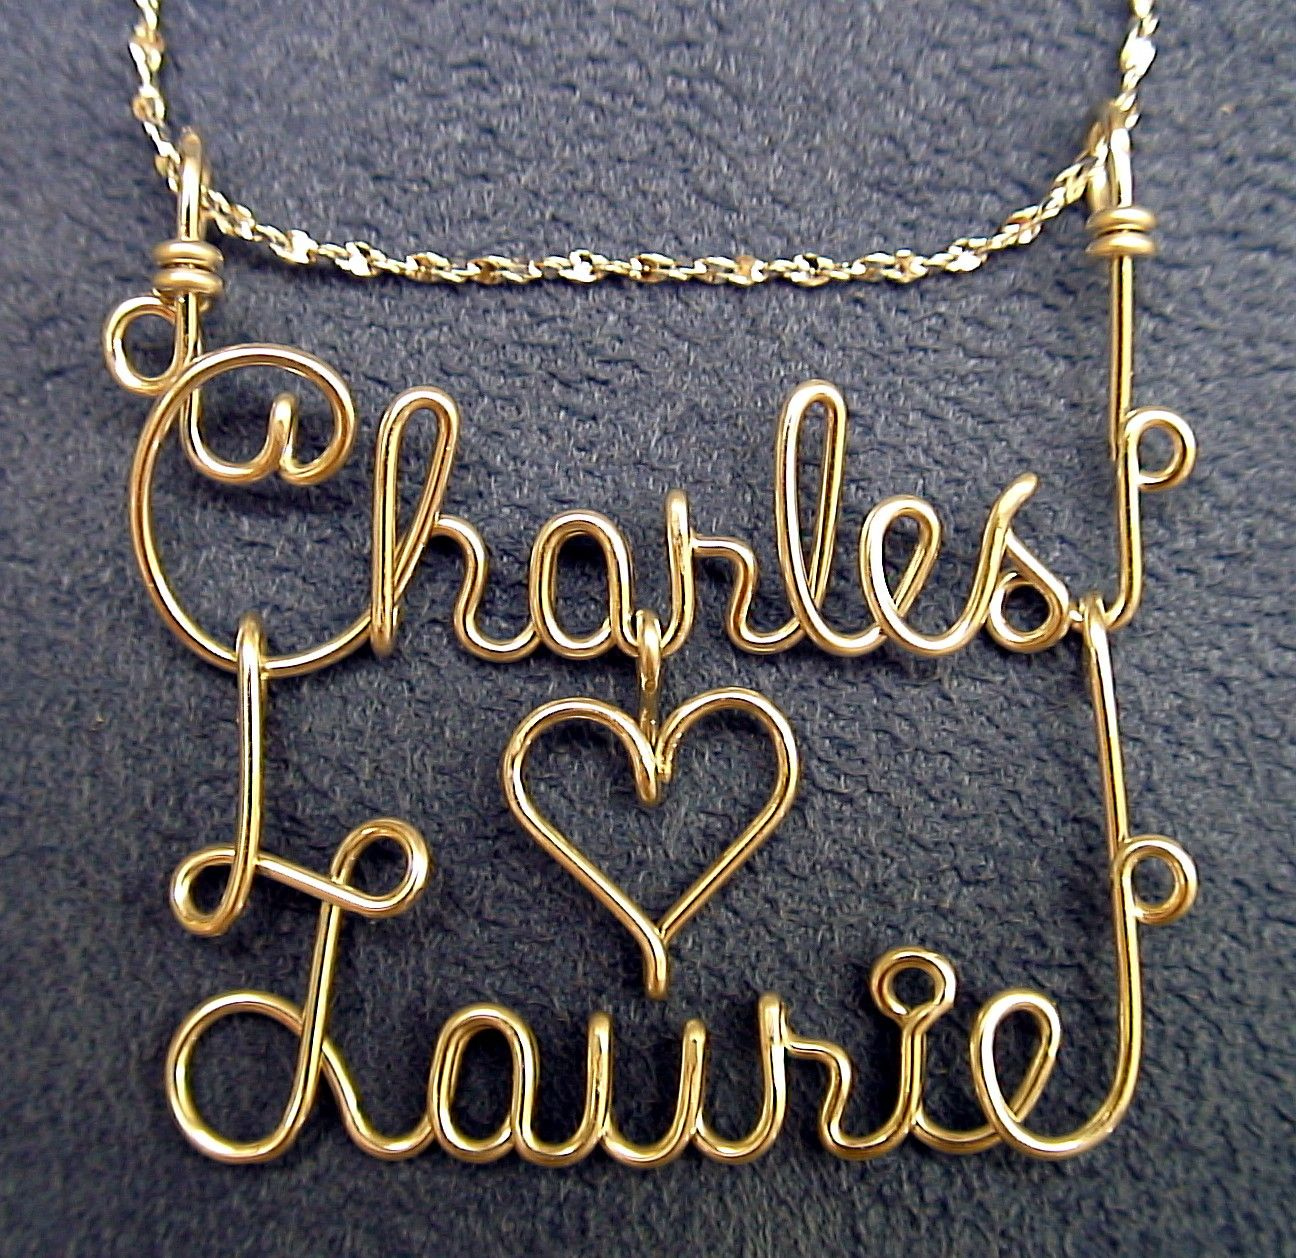 25++ Letter pendant necklace nz trends